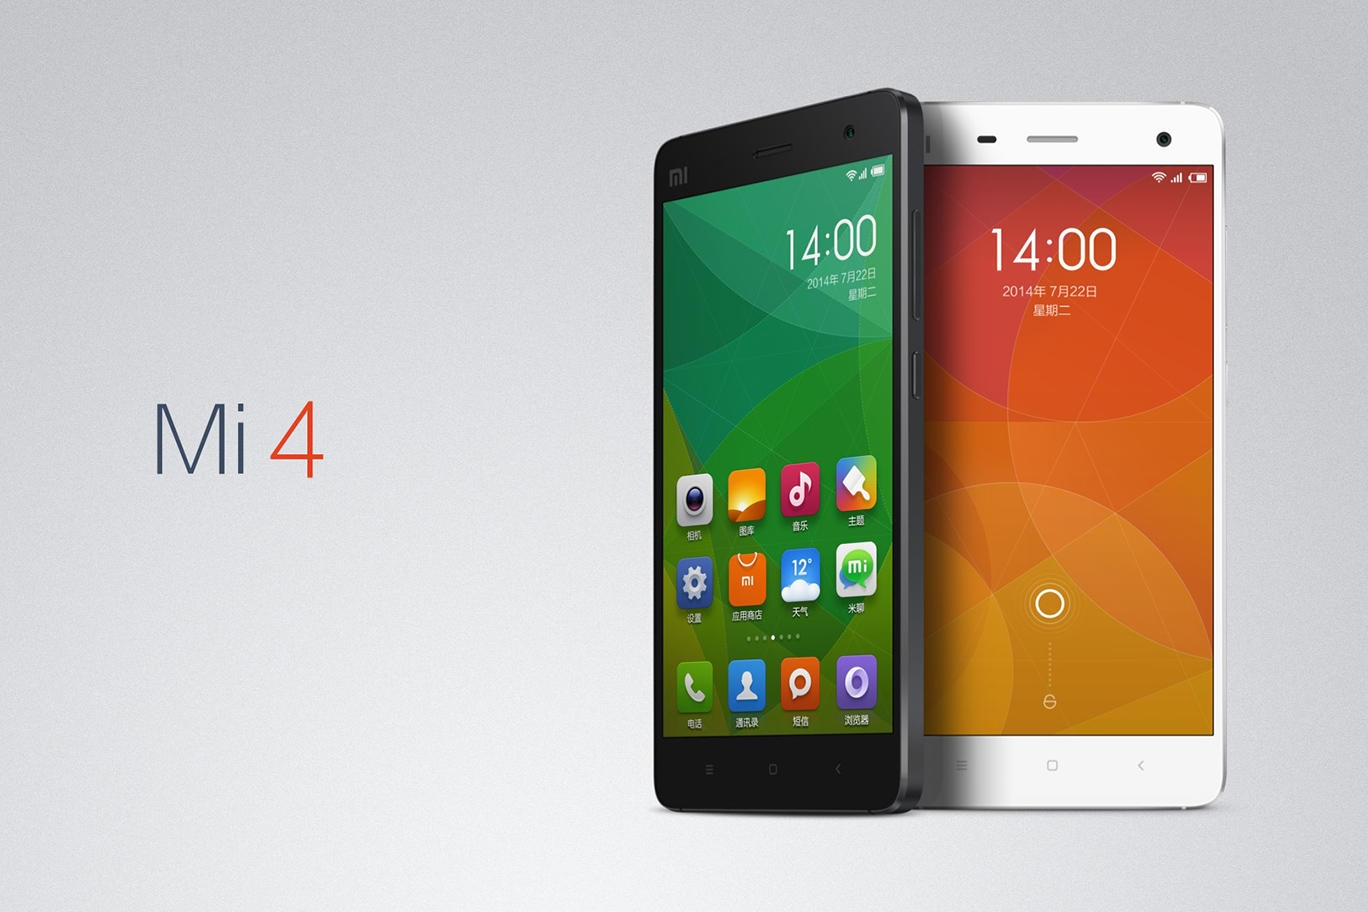 XiaomiMi41